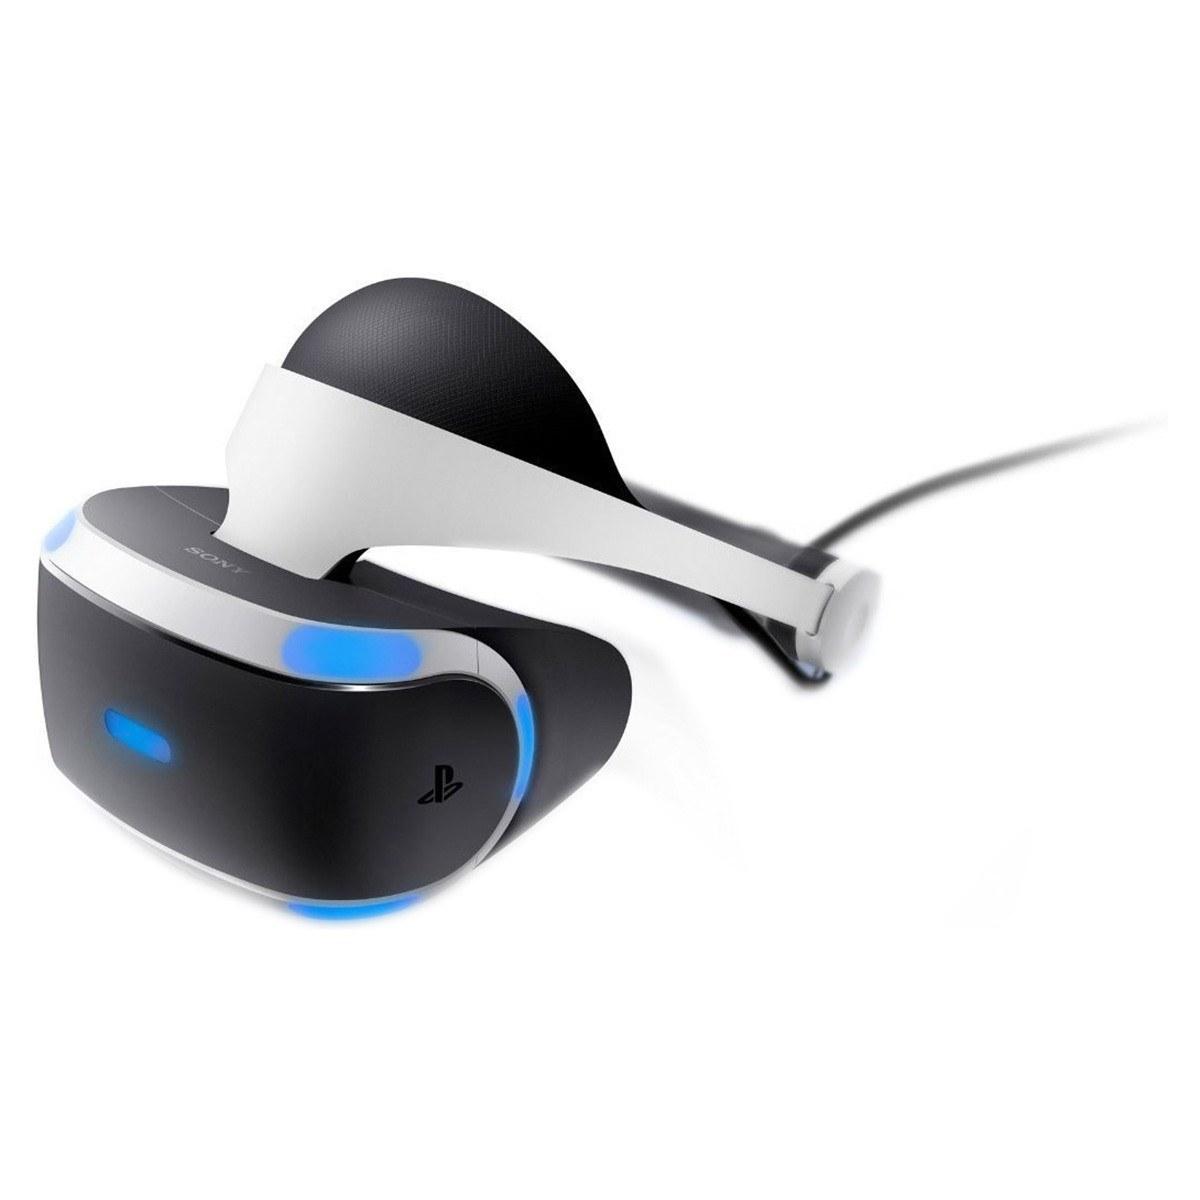 باندل واقعیت مجازی سونی مدل PlayStation VR